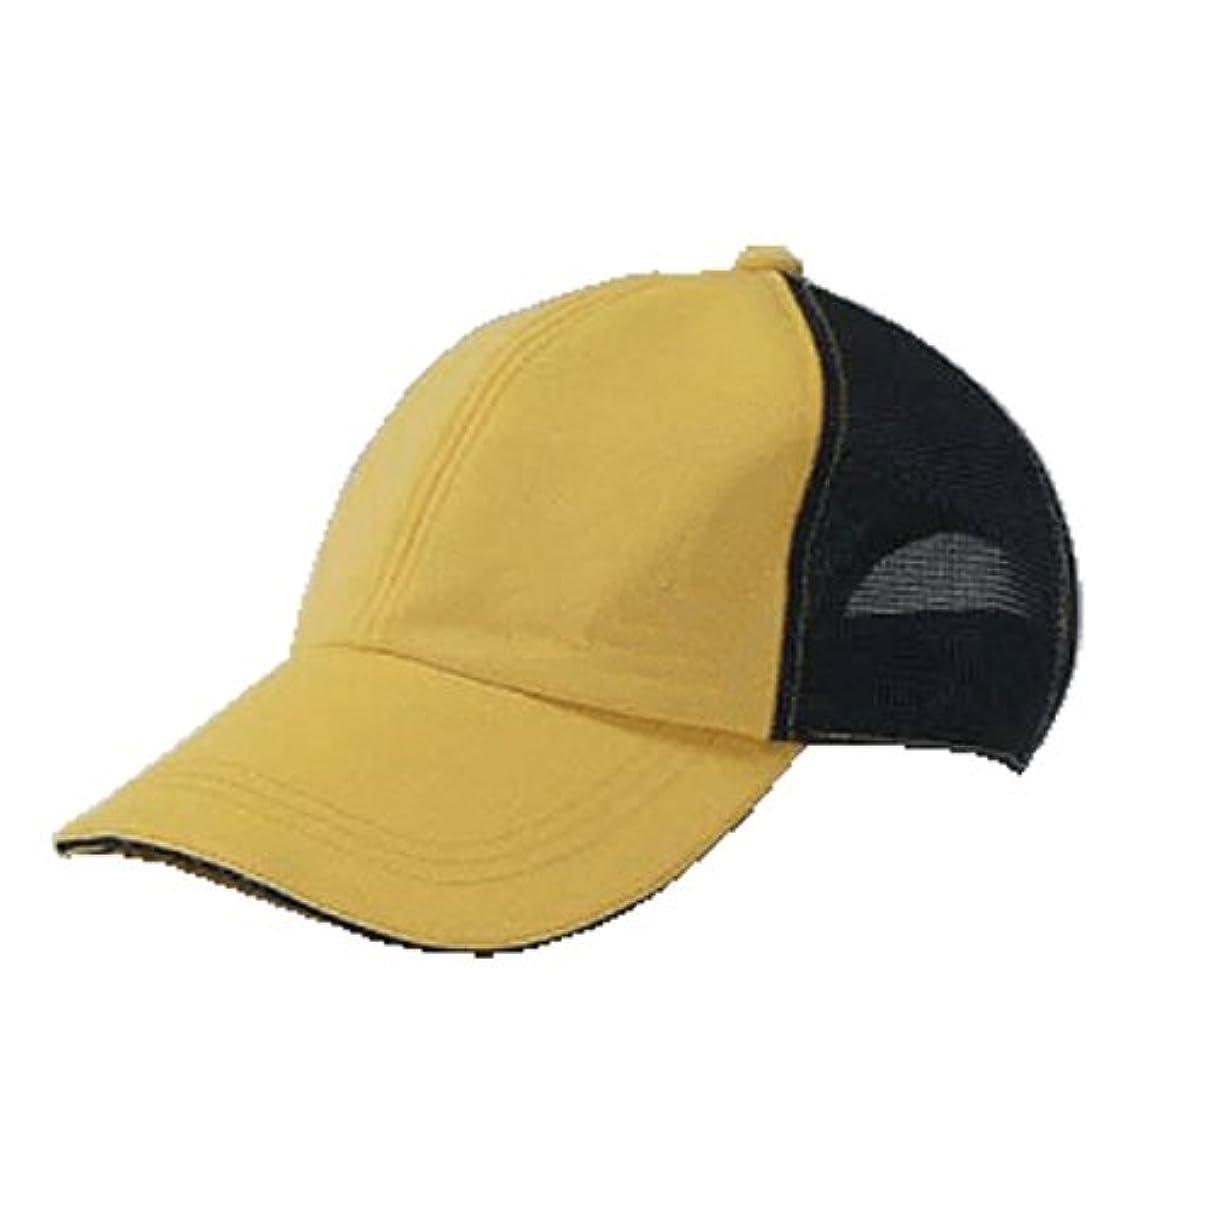 群衆ホイール取り壊すLEDライト付き帽子 TERUBO メッシュタイプ 黄/黒